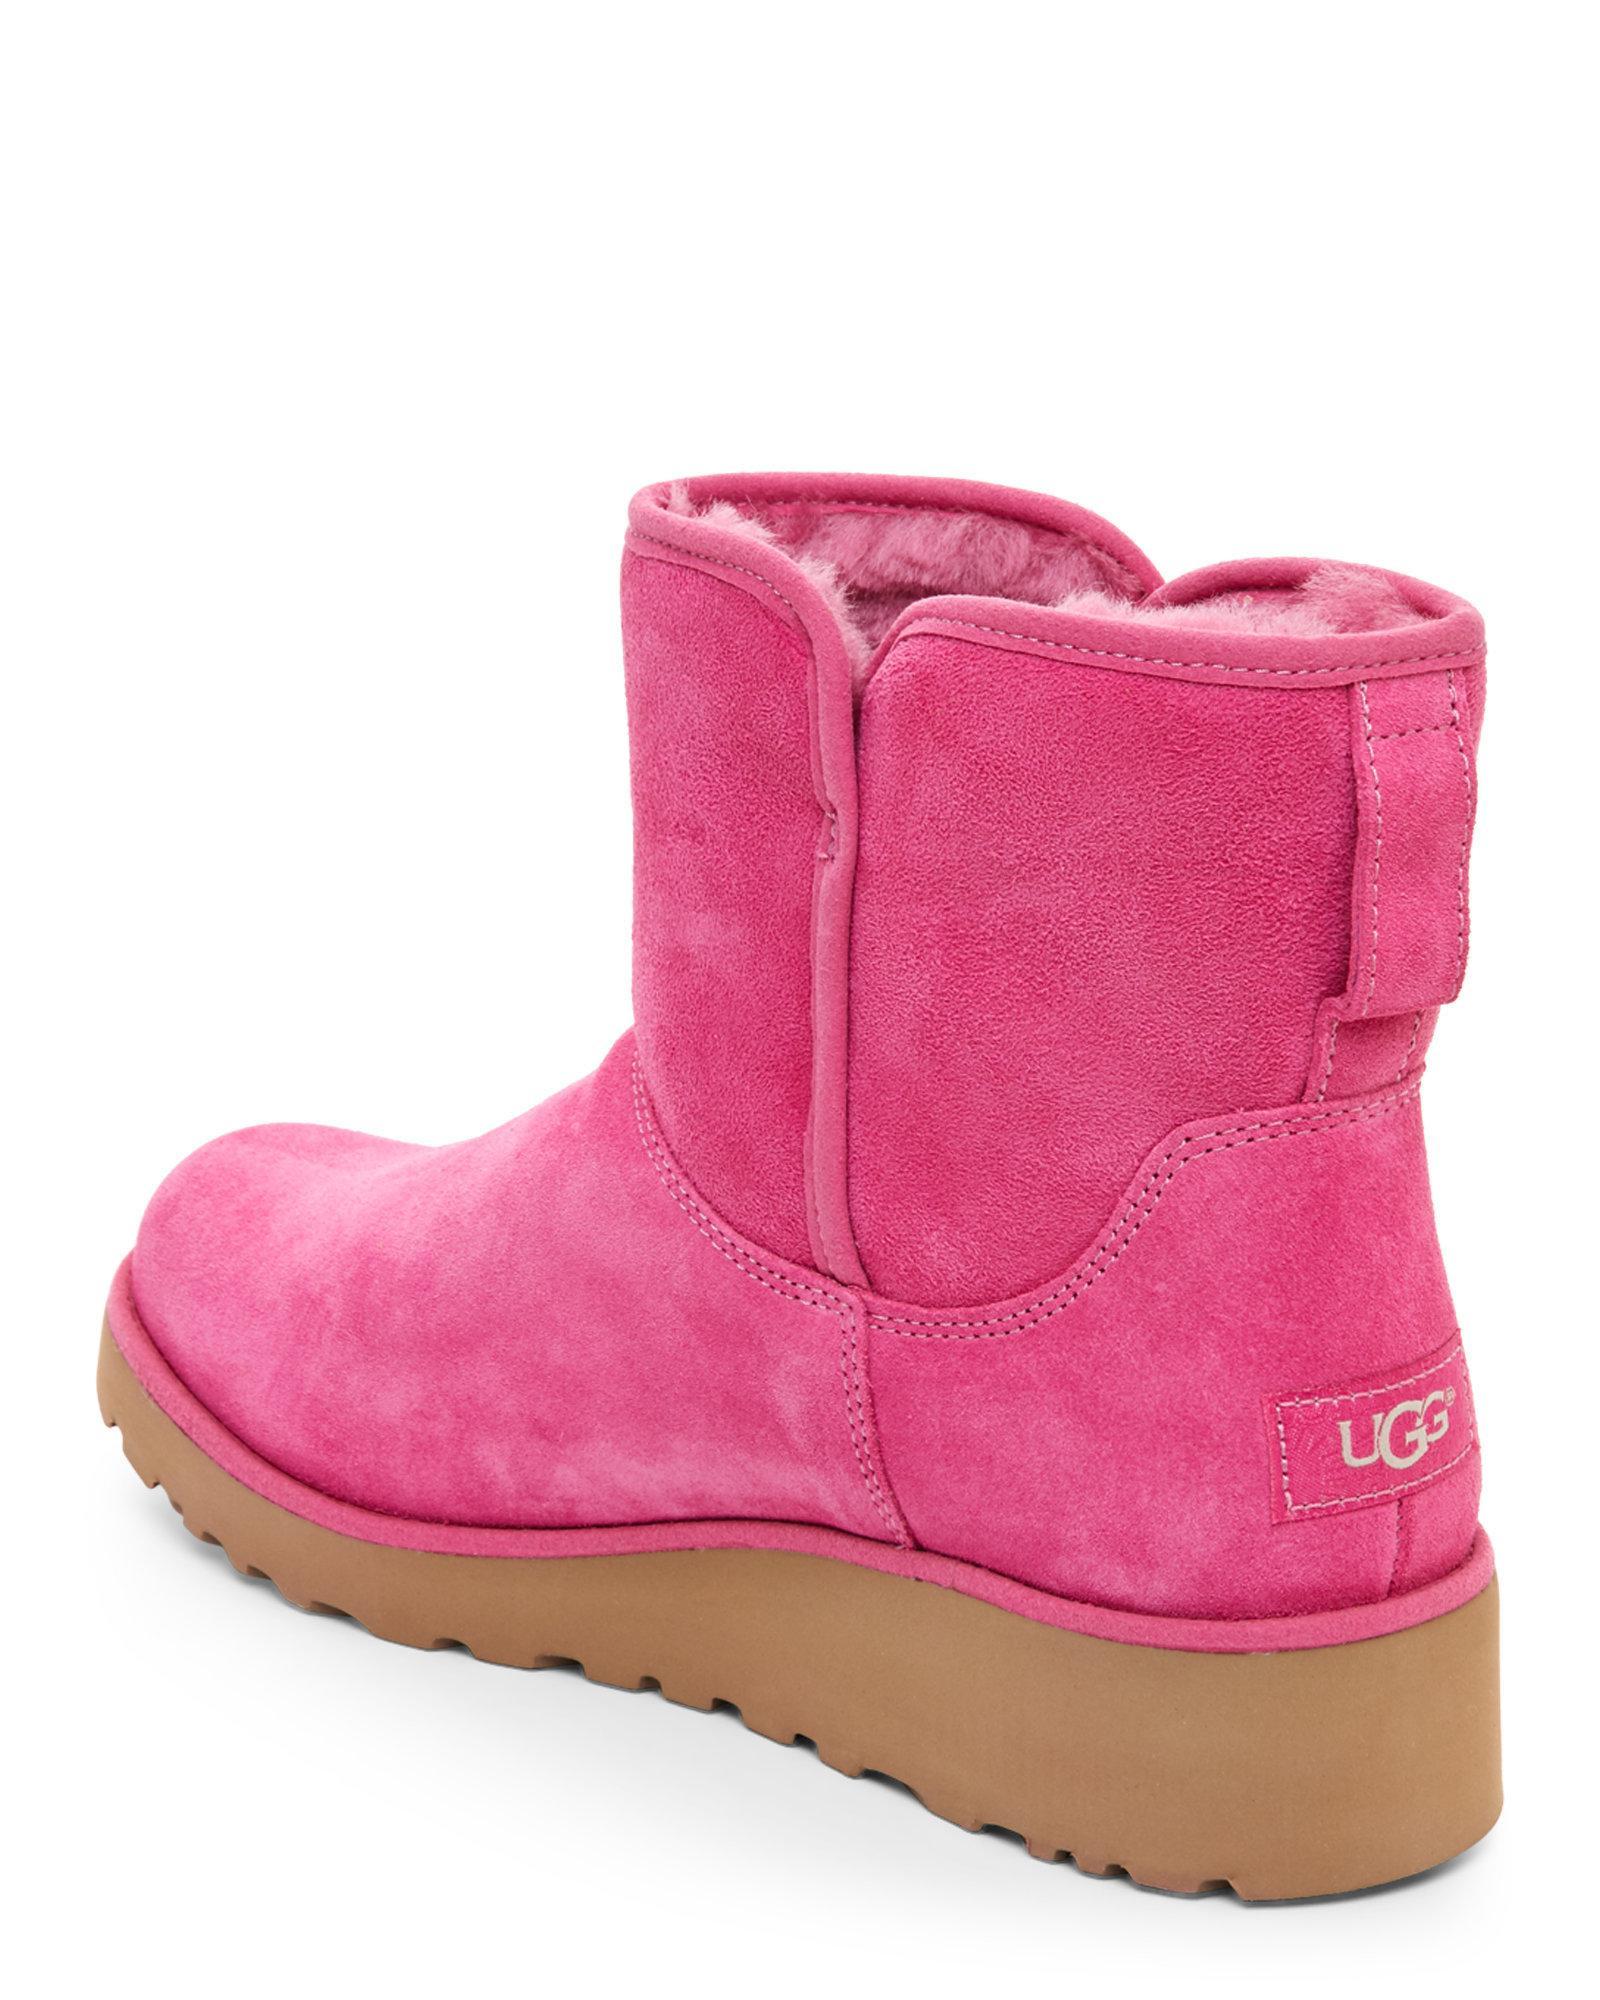 0d3ac402663 Ugg Pink Kristin Classic Slim Mini Boots